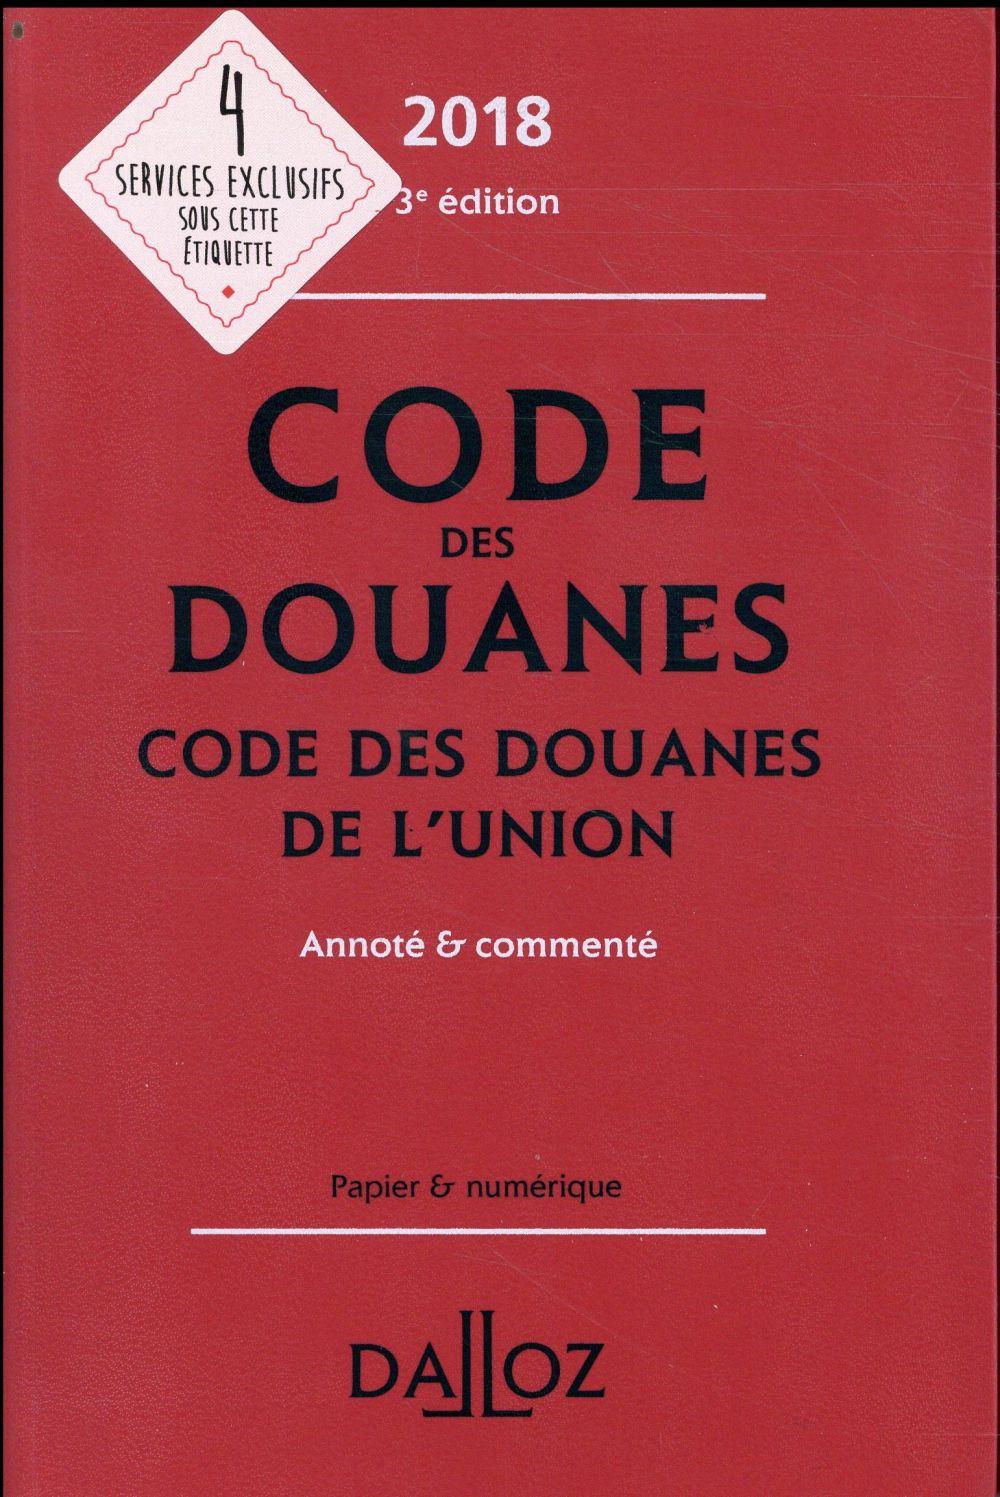 Code des douanes ; code des douanes de l'union annoté et commenté (édition 2018)